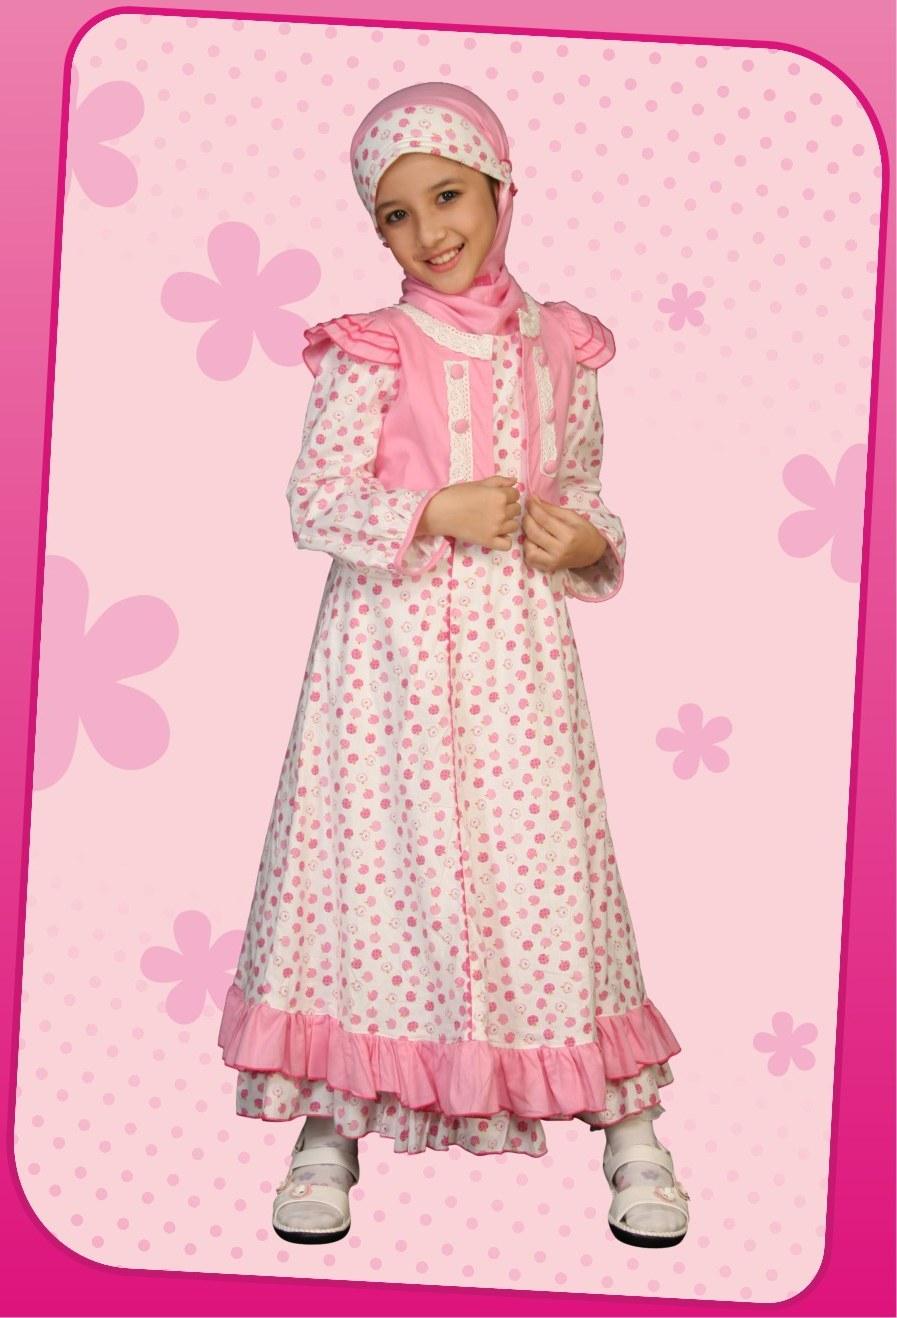 inspirasi baju lebaran anak perempuan terbaru 9ddf be happy young mother busana muslim anak 2 koleksi of baju lebaran anak perempuan terbaru